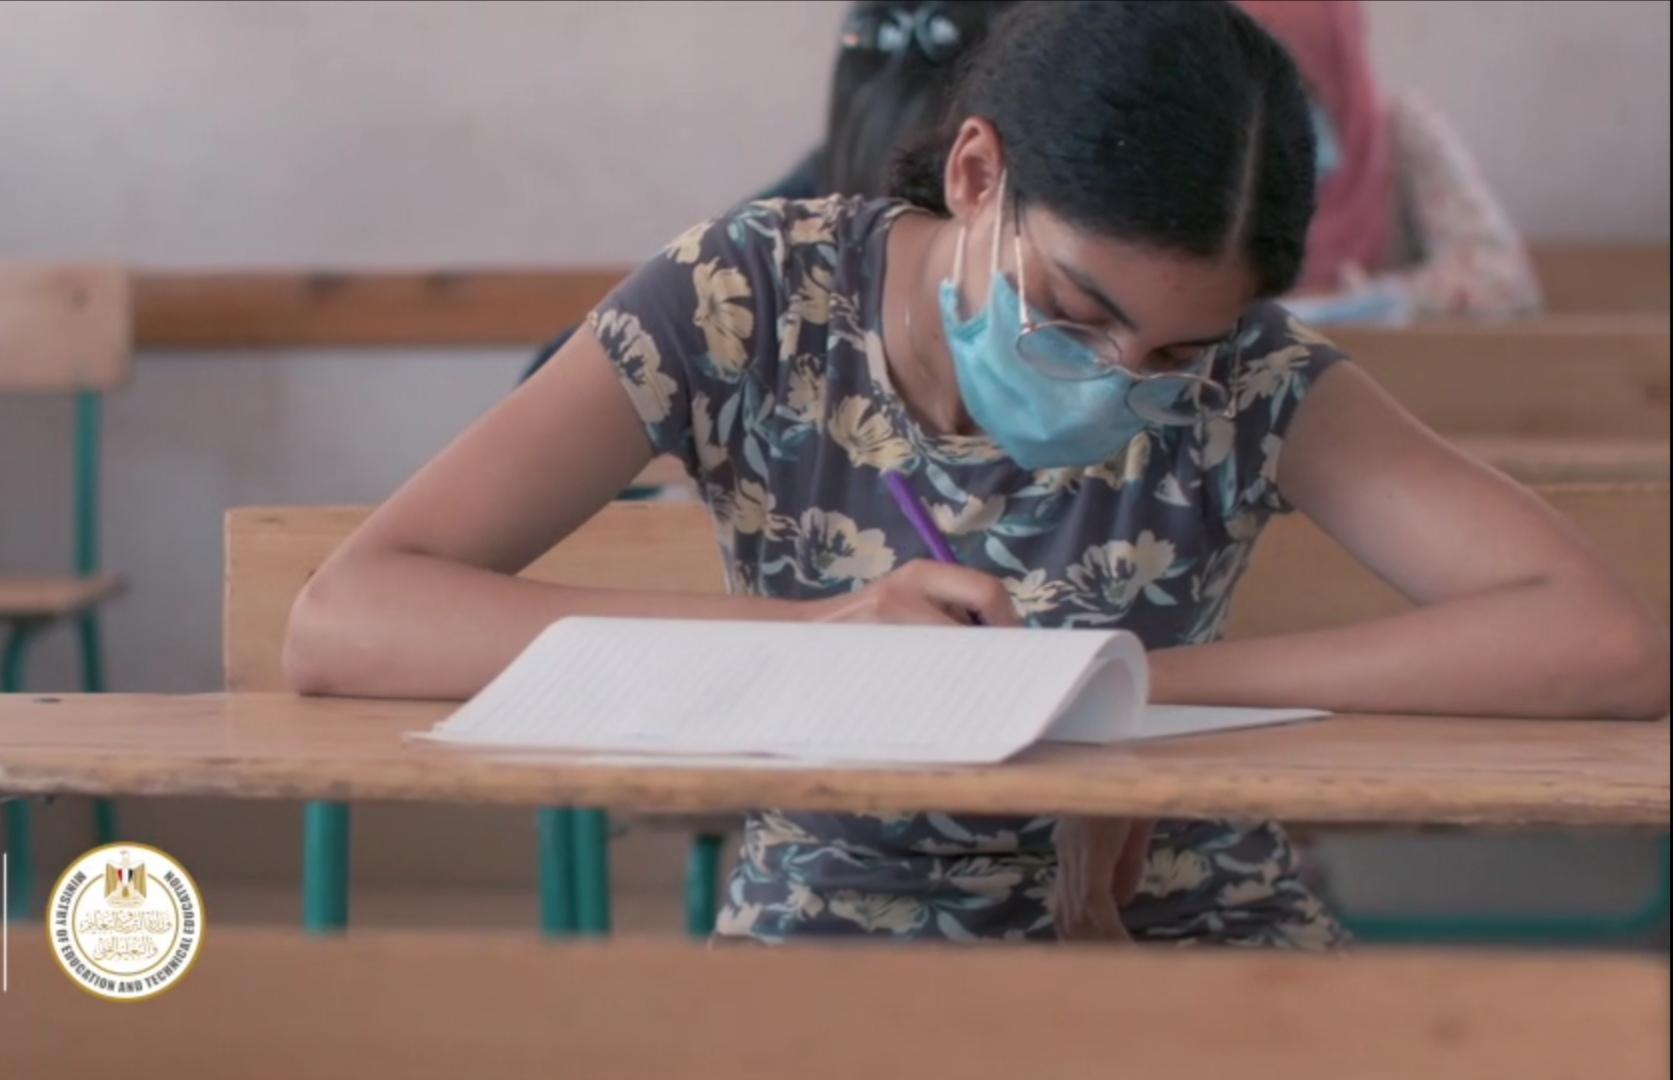 5 متعلقات شخصية وقائية مسموح بها في امتحانات الثانوية تعرف عليها